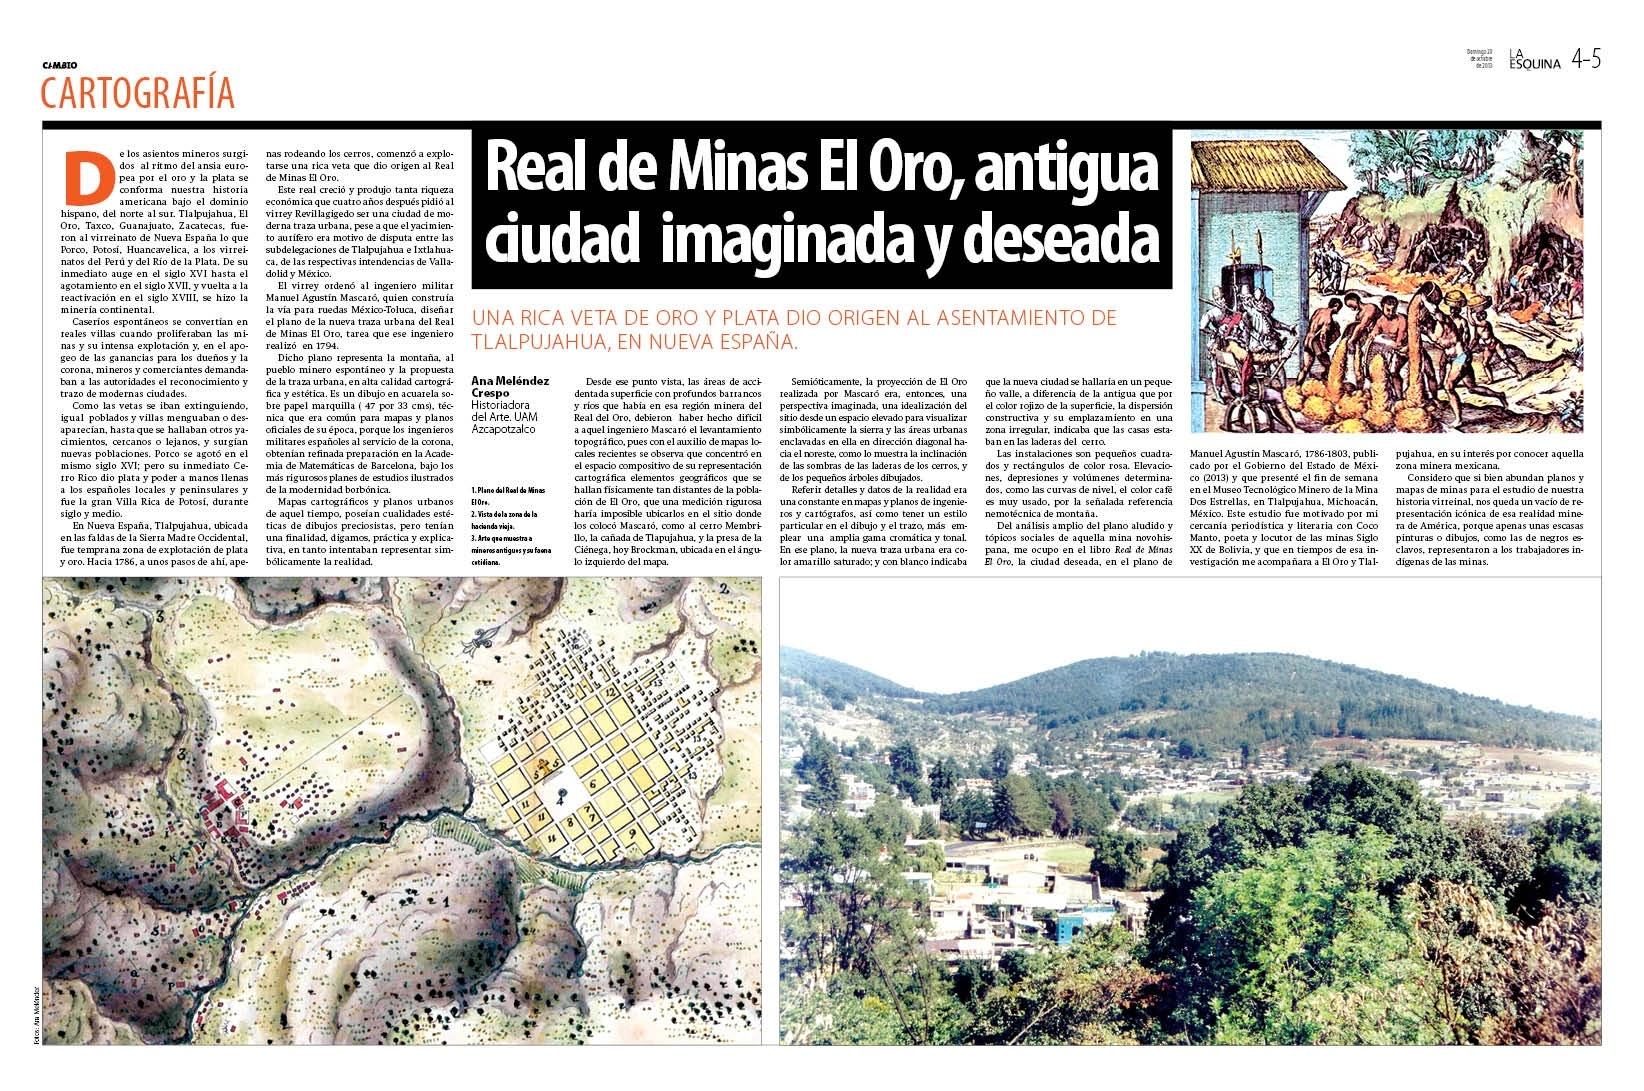 Real de Minas El Oro, antigua ciudad imaginada y deseada